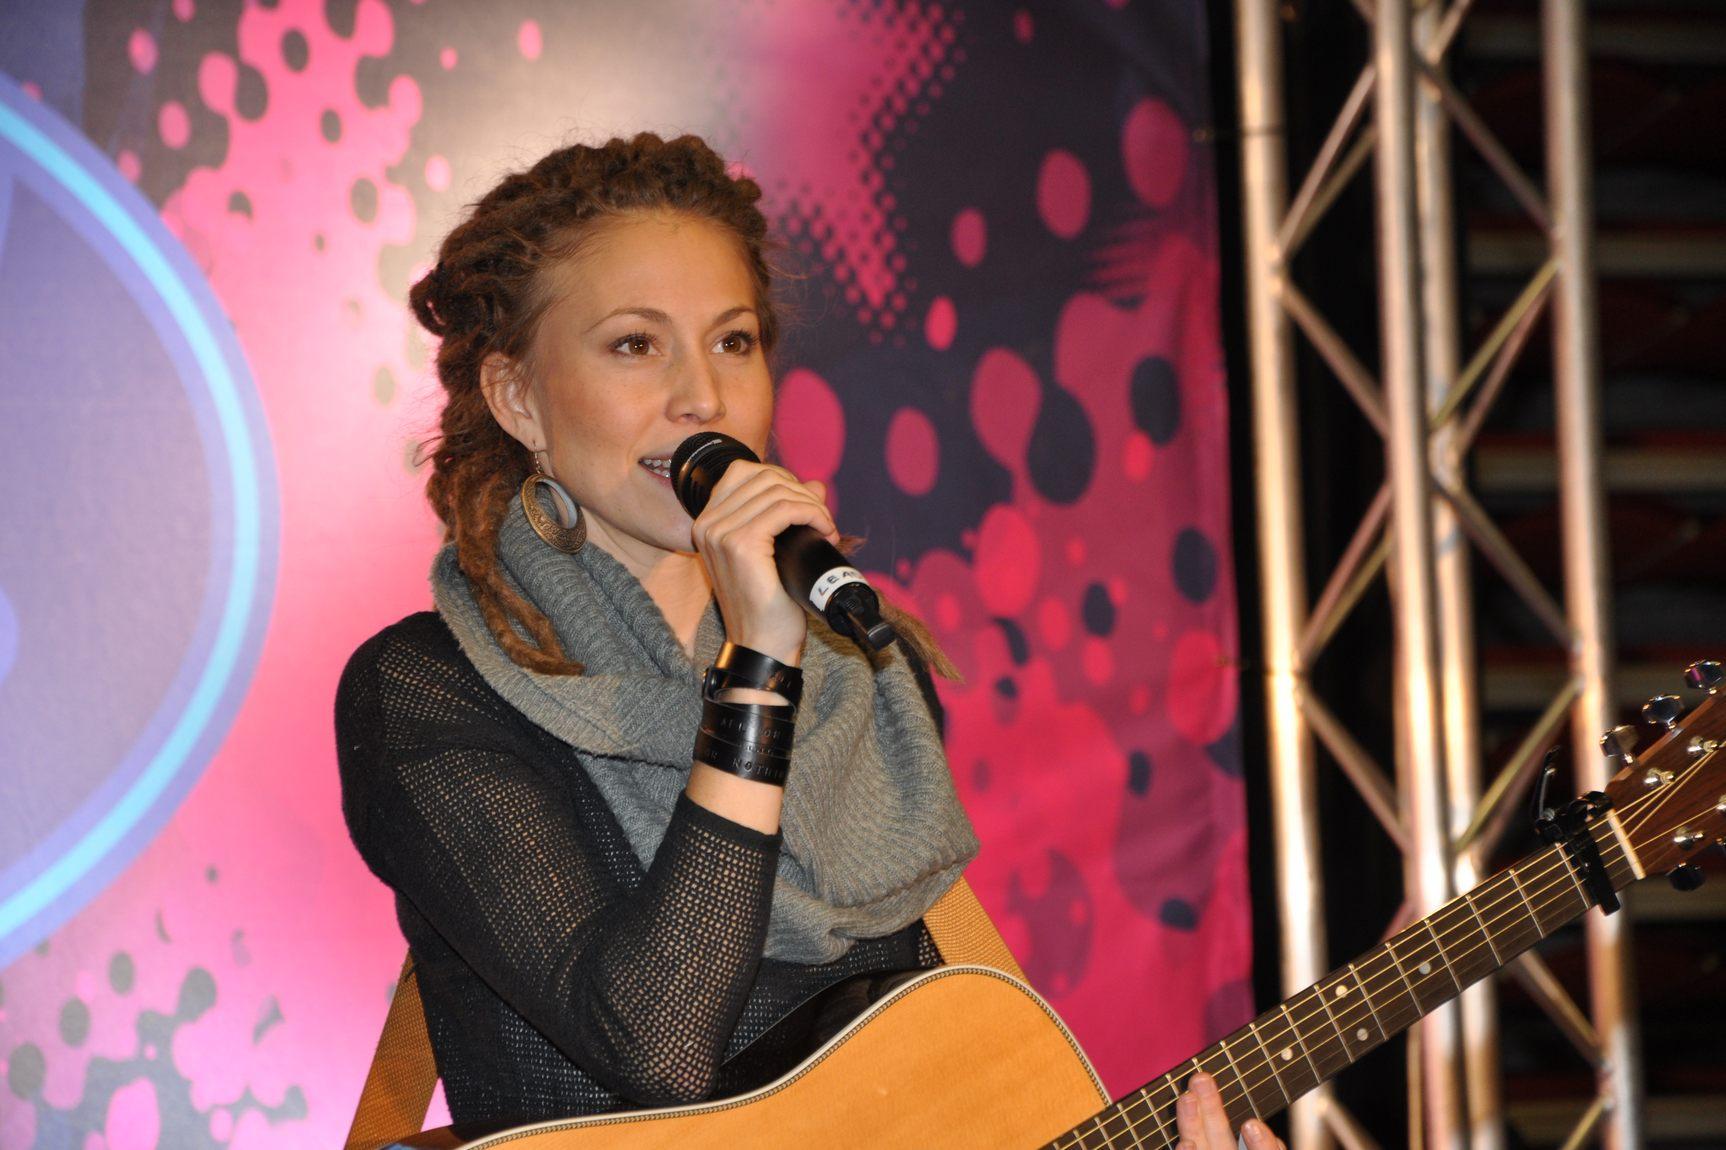 Mariette_2009-11-28_Halmstad_005